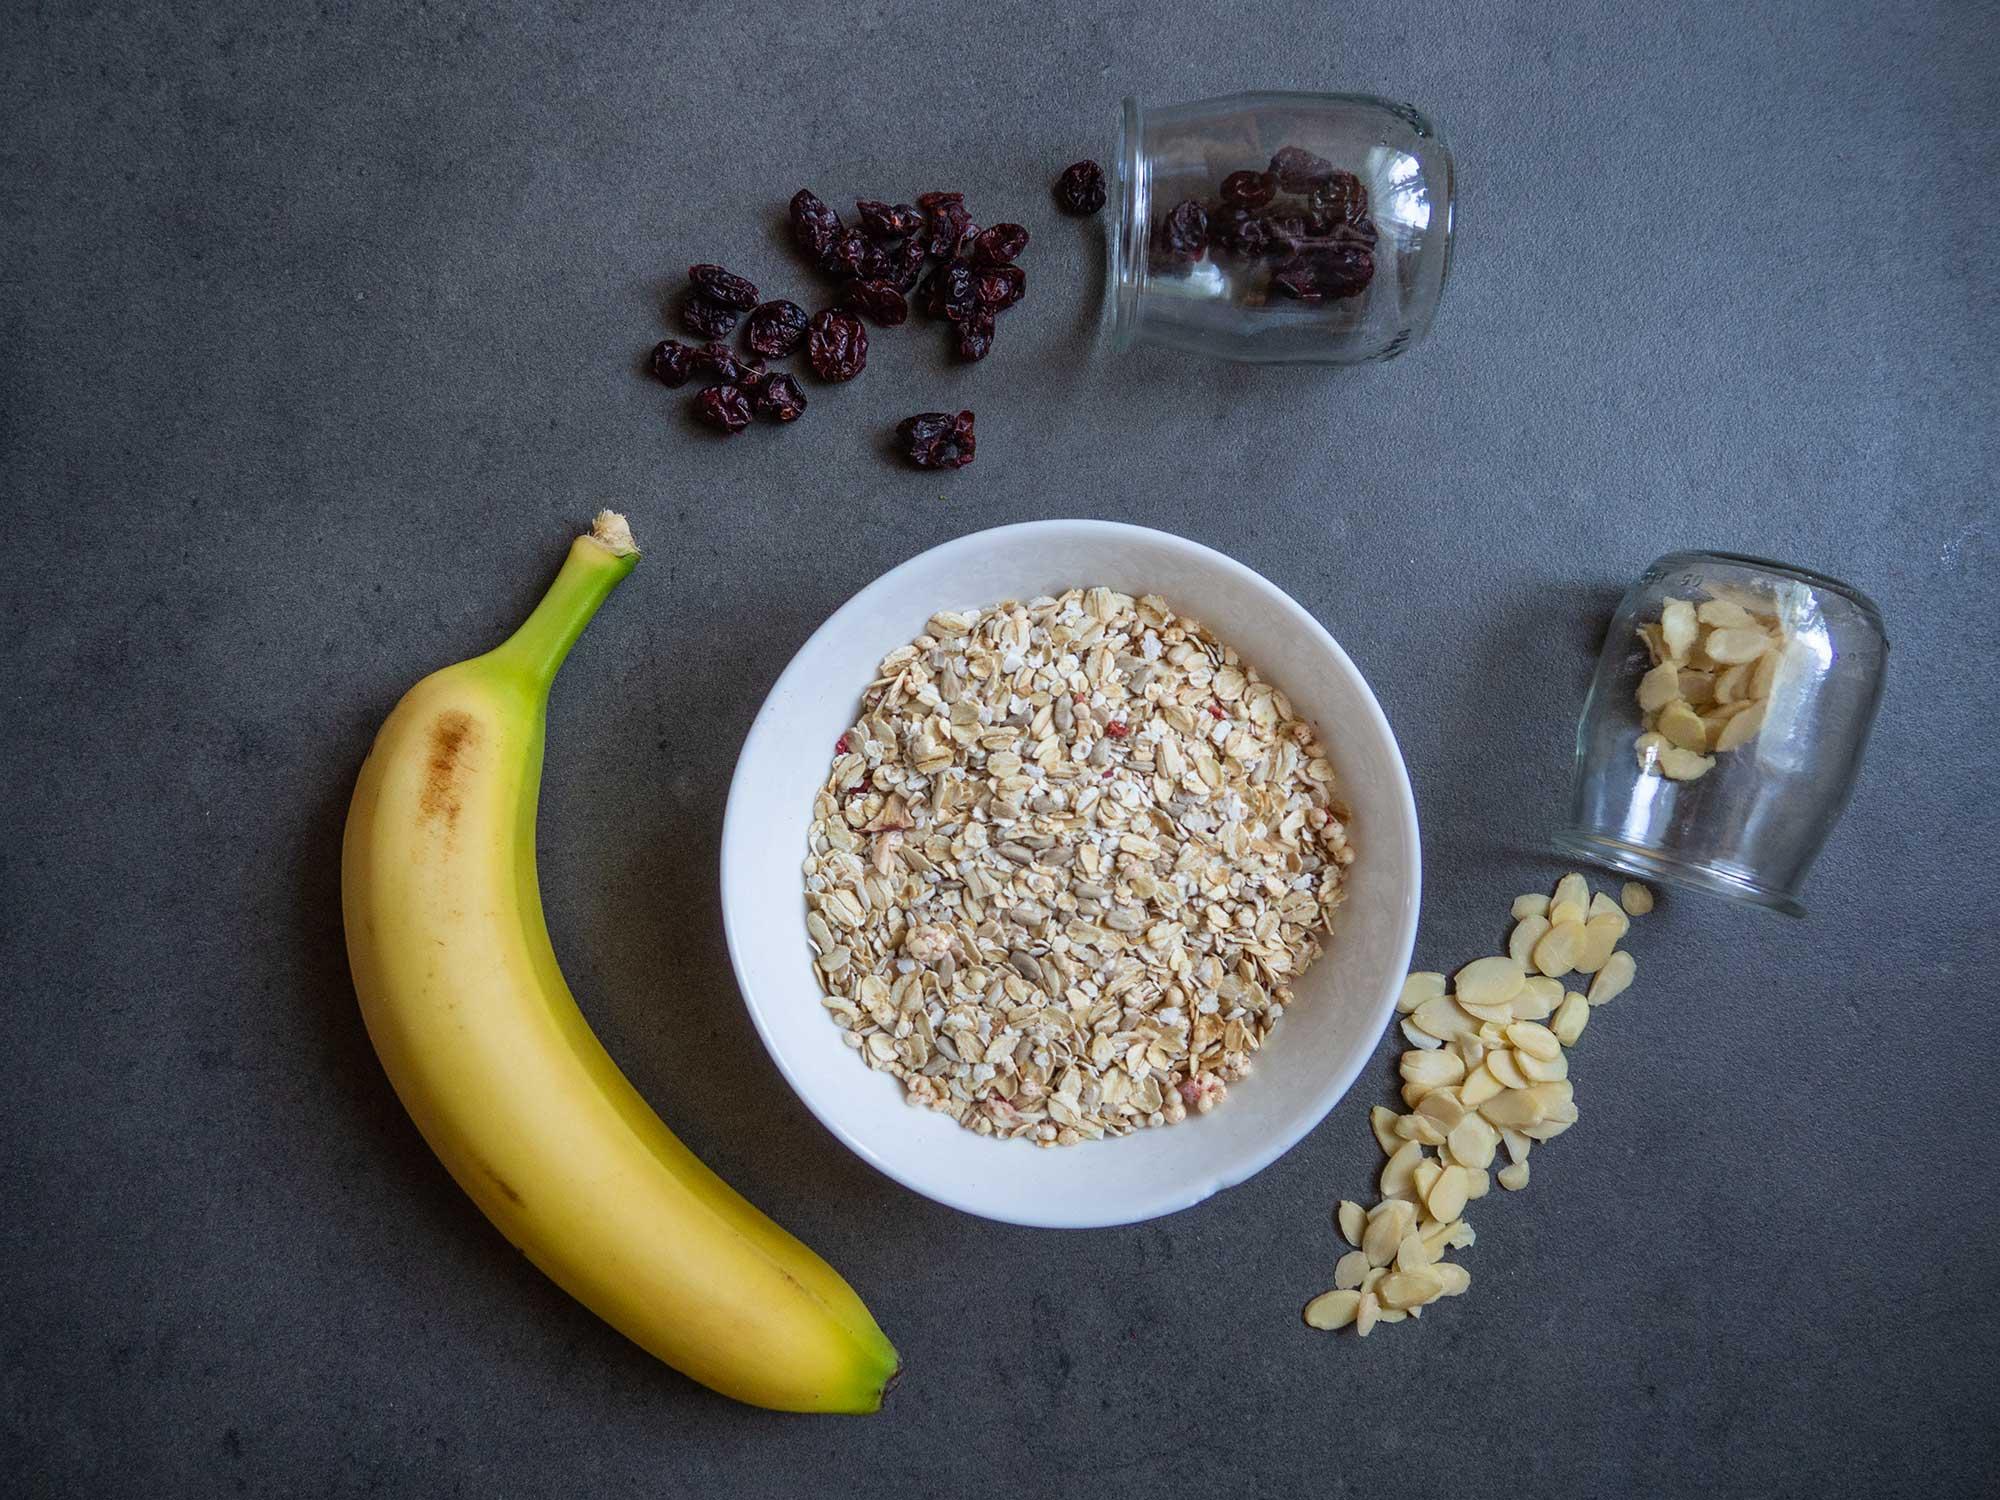 Cranberry Oat Cookies ingredients